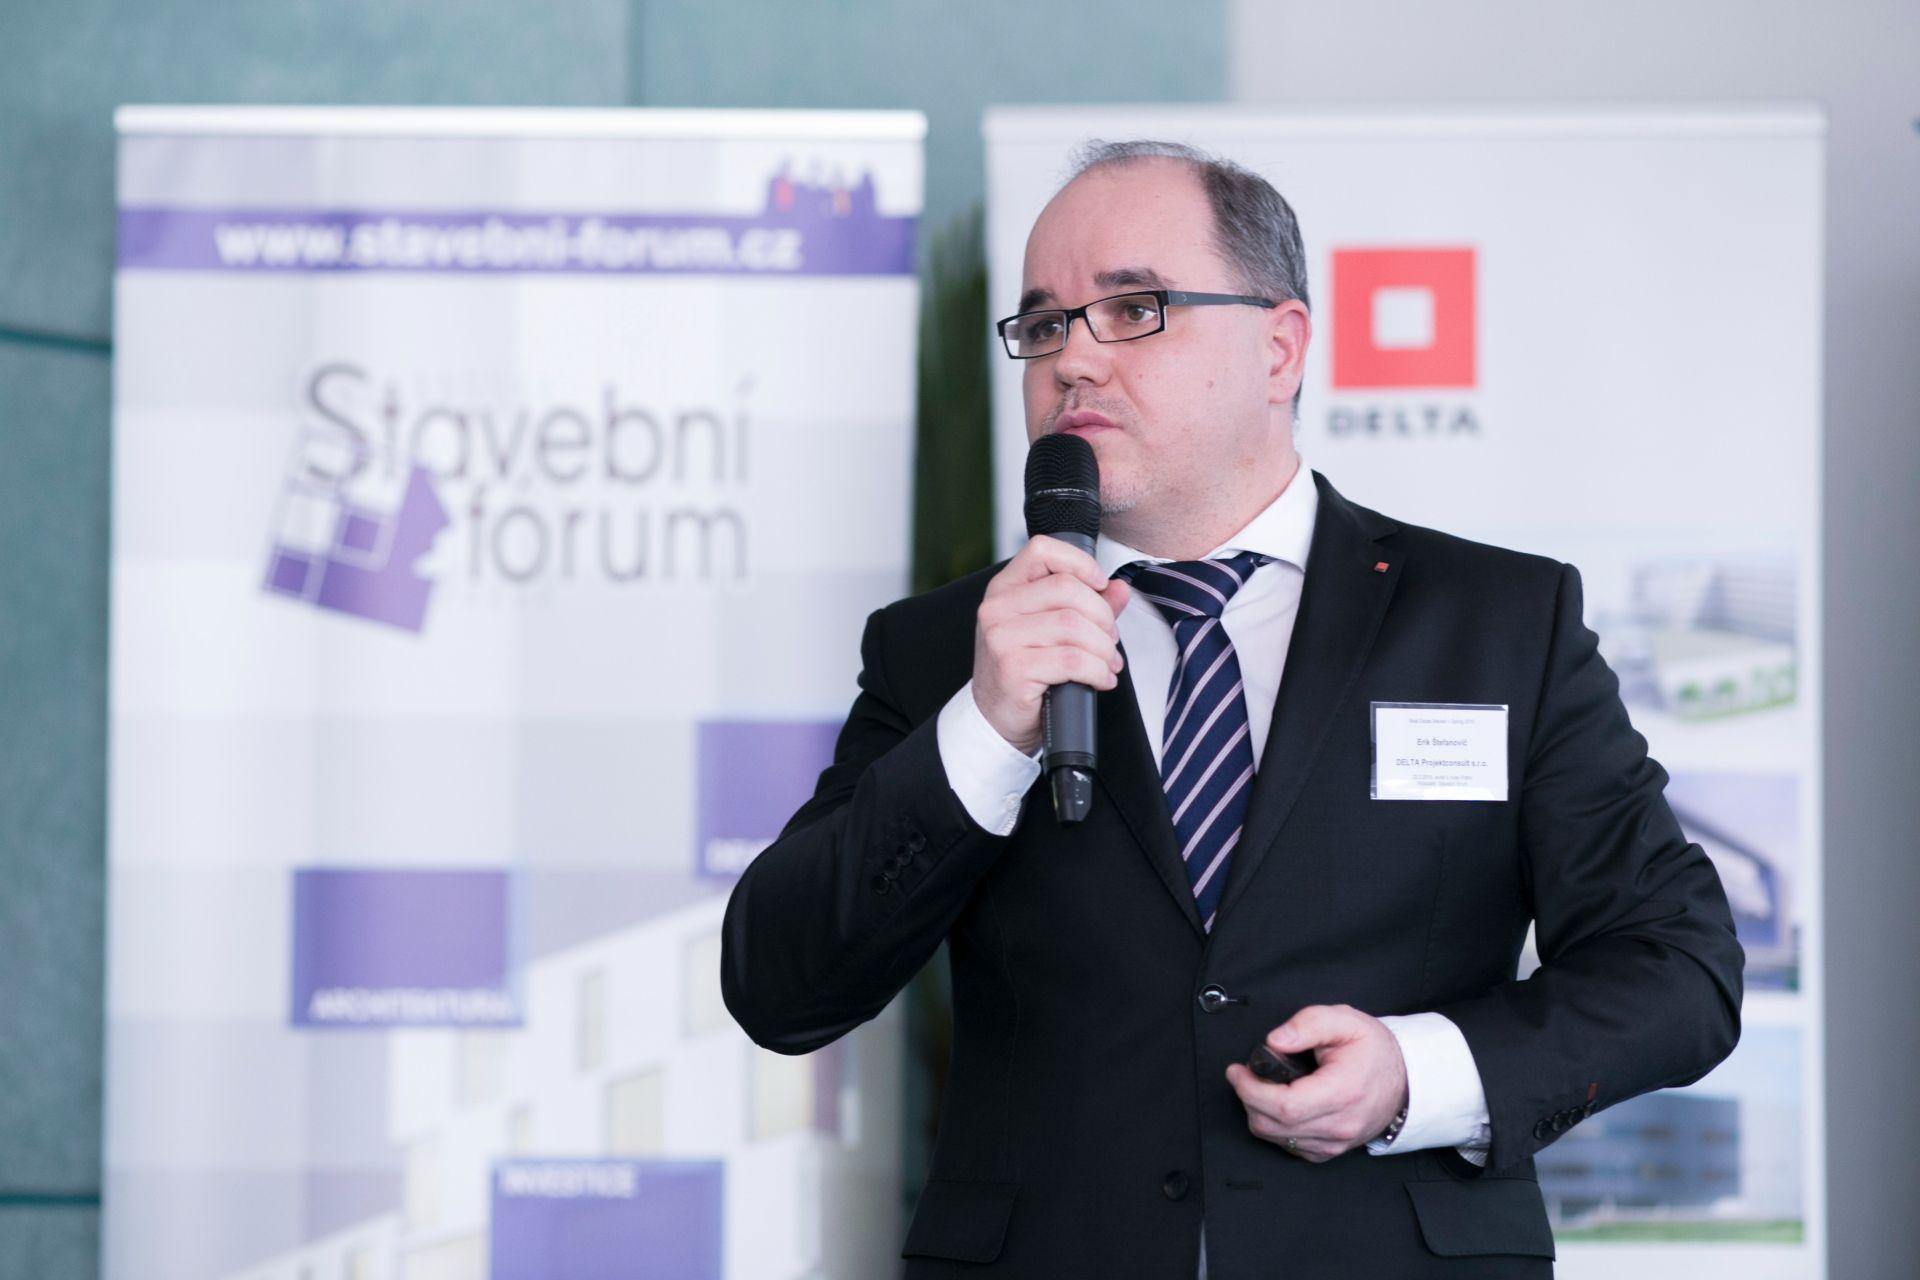 Stavební fórum_Štefanovič_prezentace